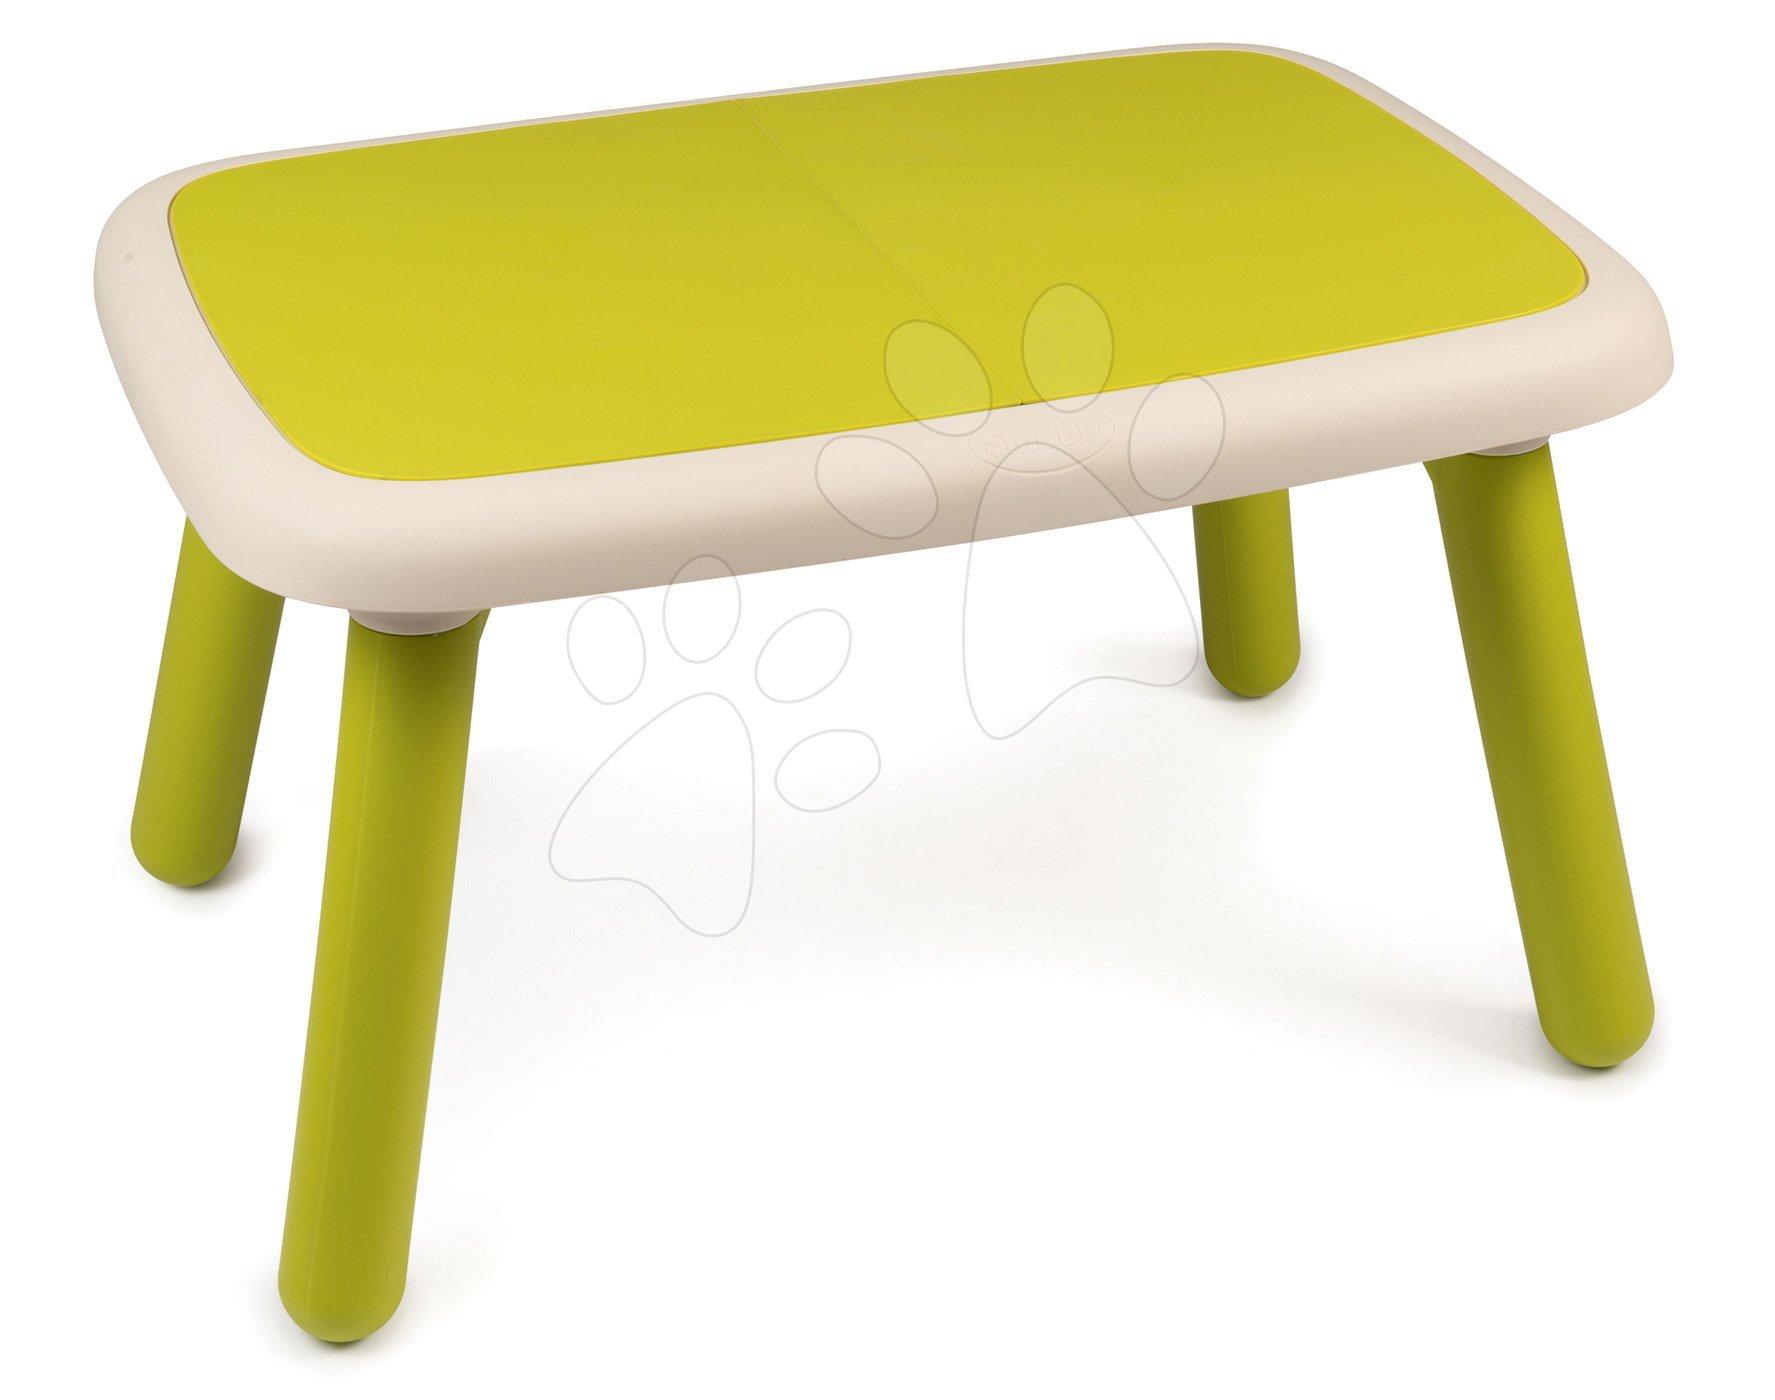 Stôl pre deti KidTable Smoby zelený s UV filtrom od 18 mesiacov